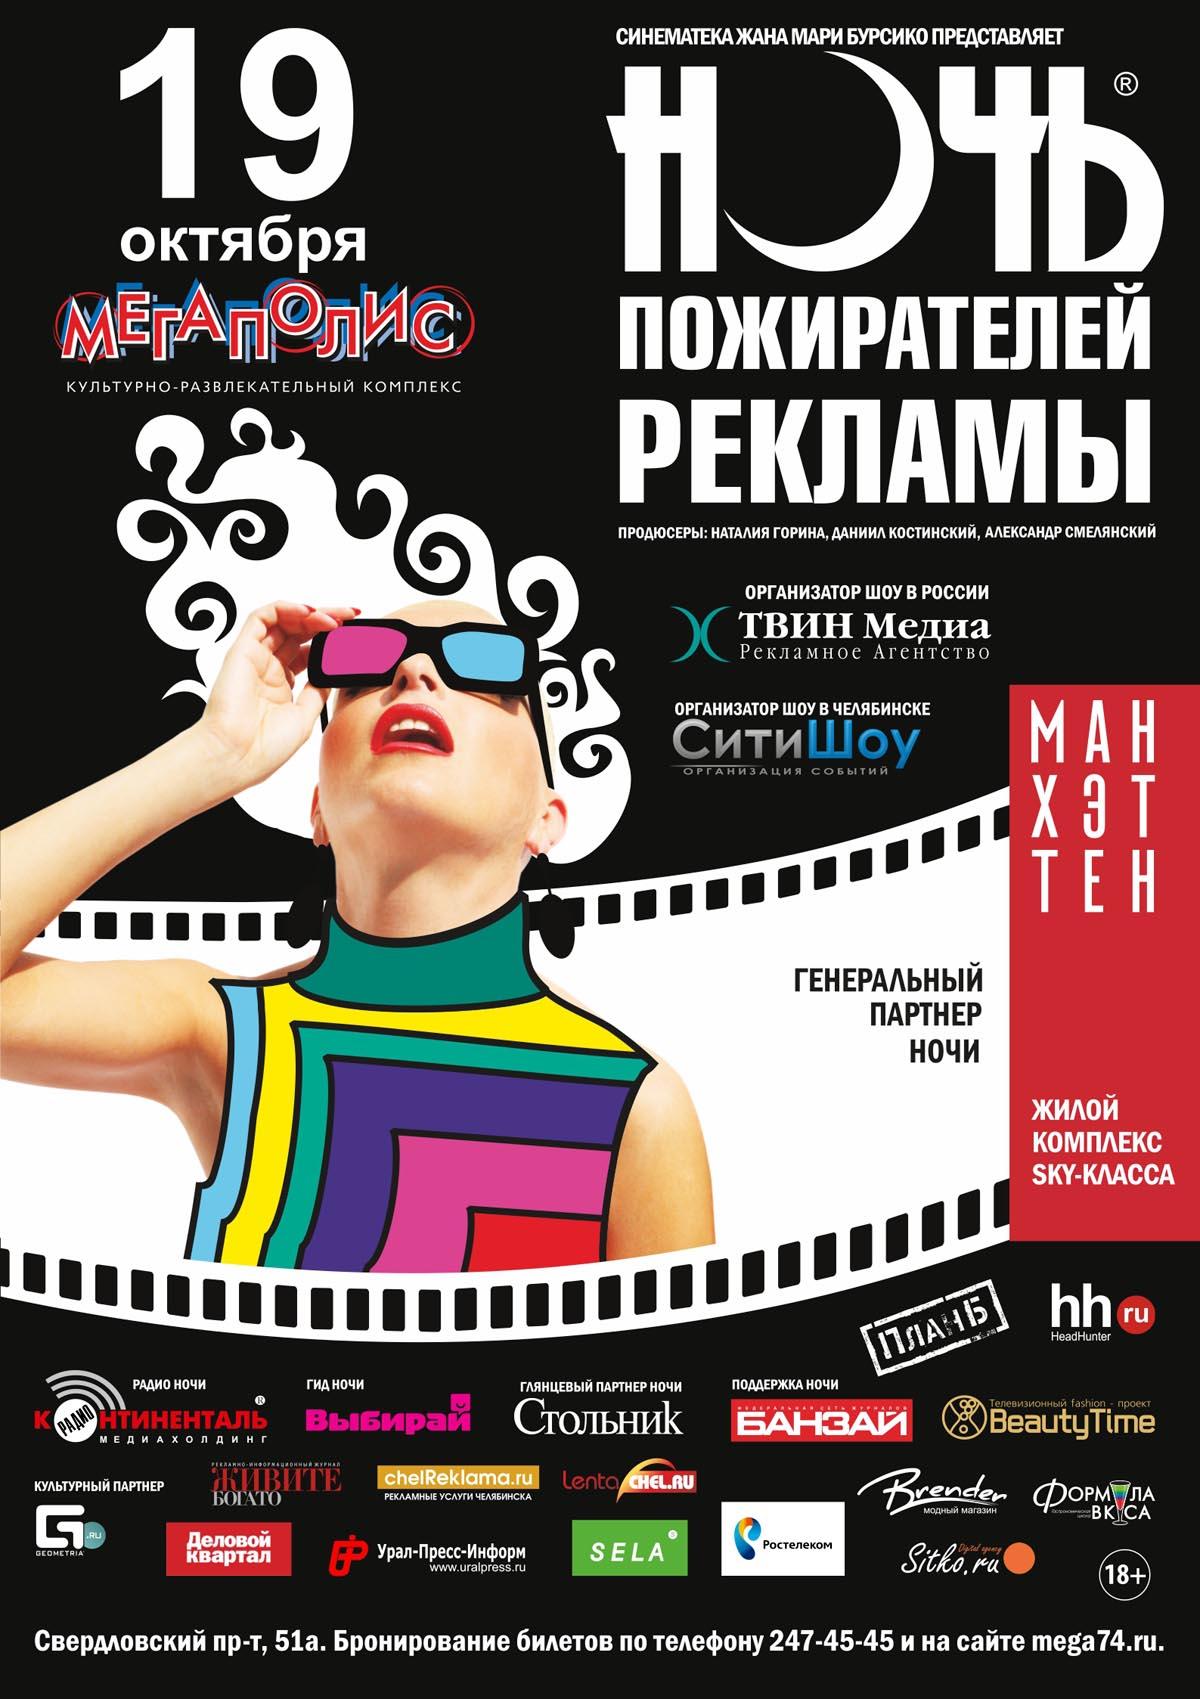 В Челябинске 19 октября состоится «Ночь пожирателей рекламы» – одно из самых ярких и долгожданных